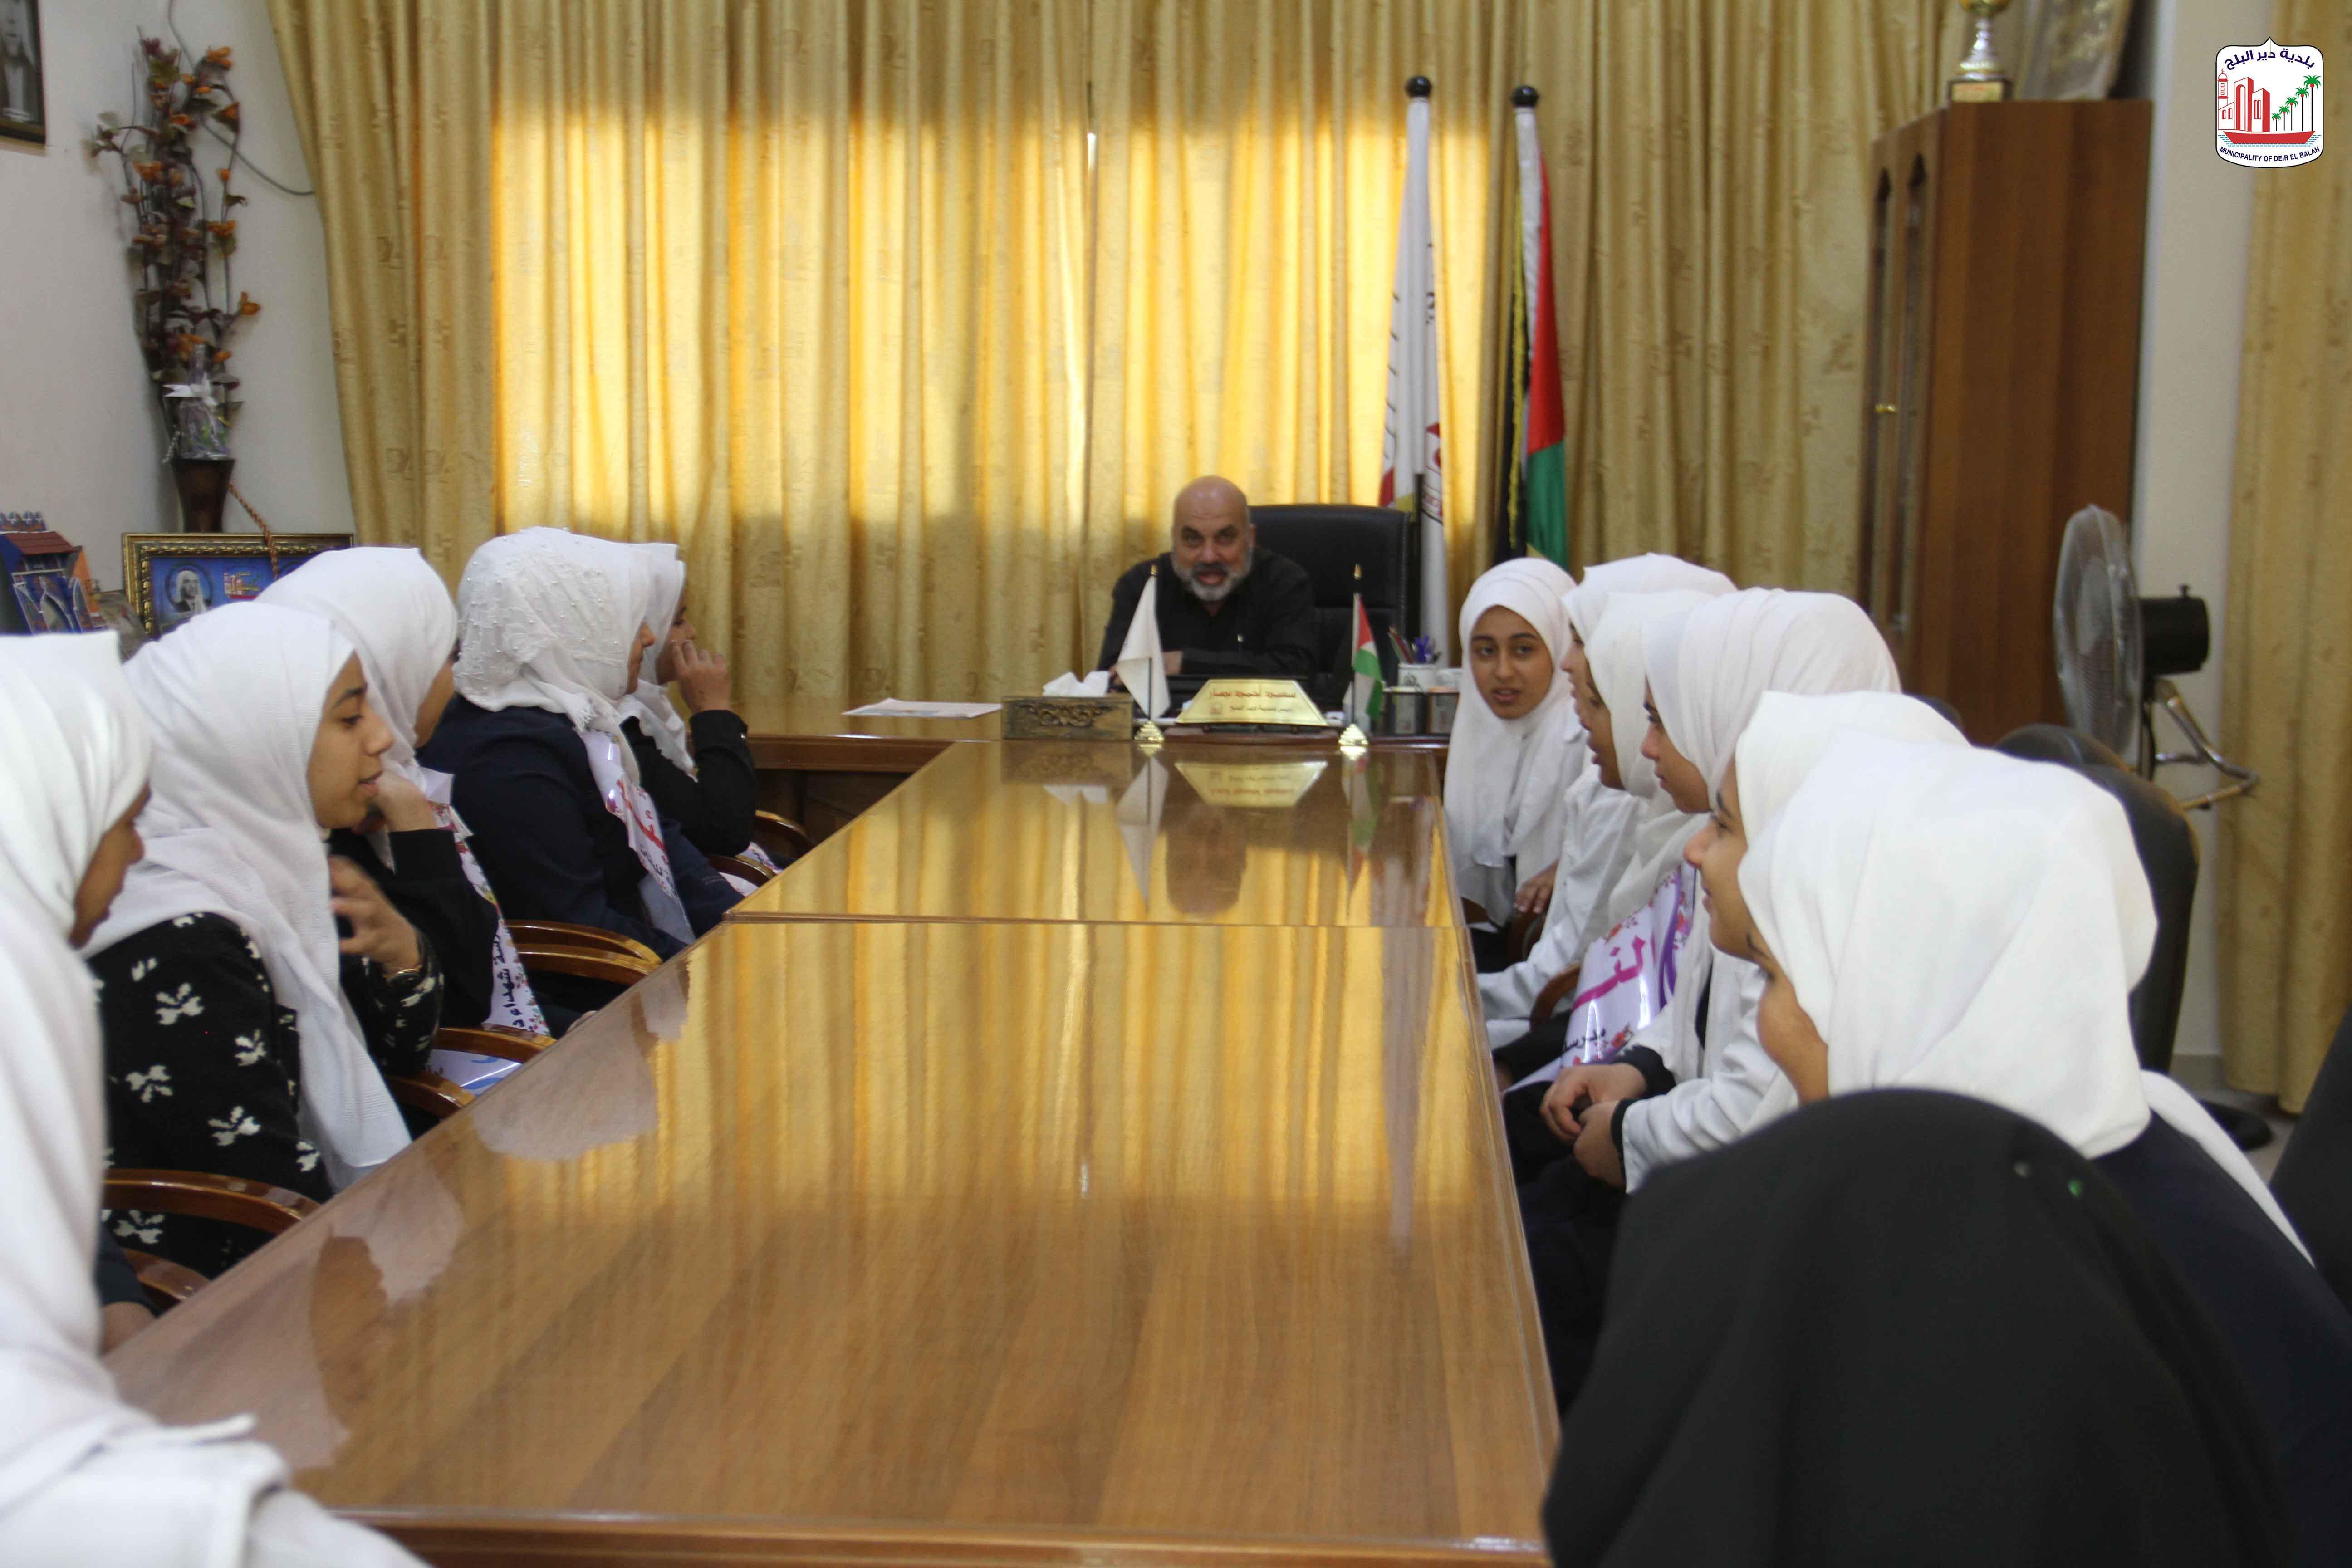 طالبات مدرسة شهداء دير البلح خلال زيارتهم للبلدية